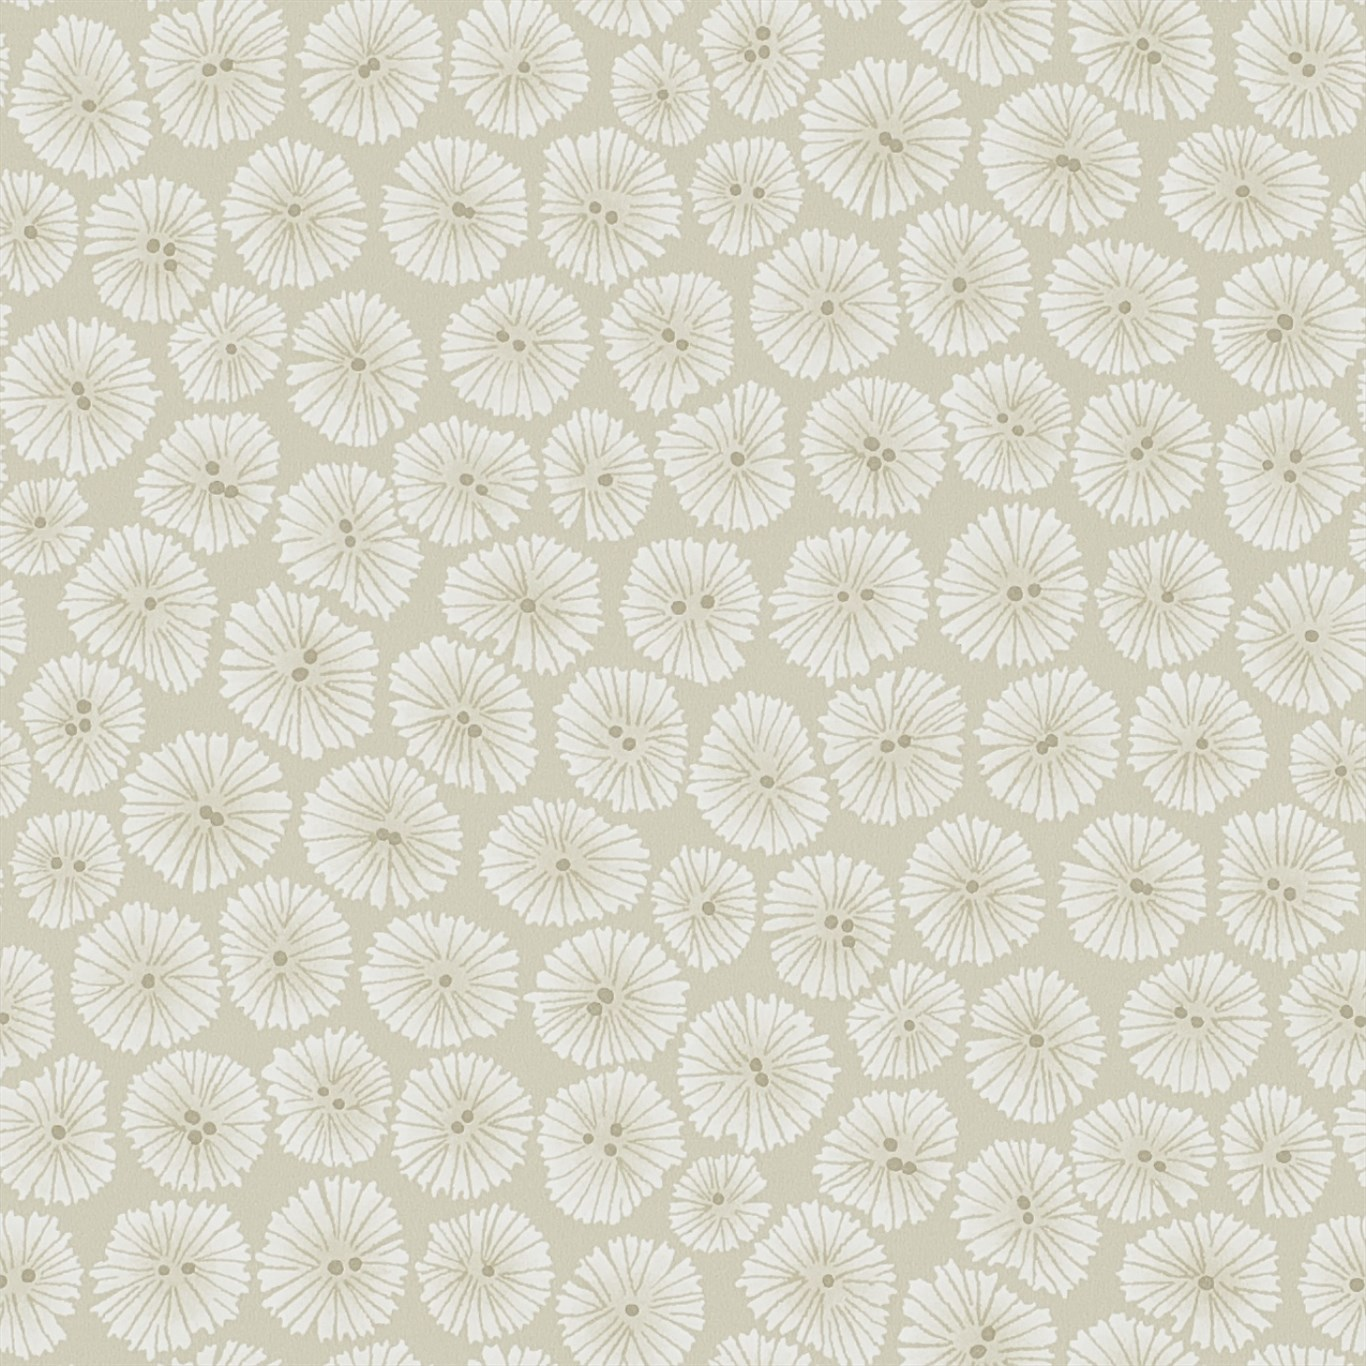 WIND FLOWERS DCHK213710